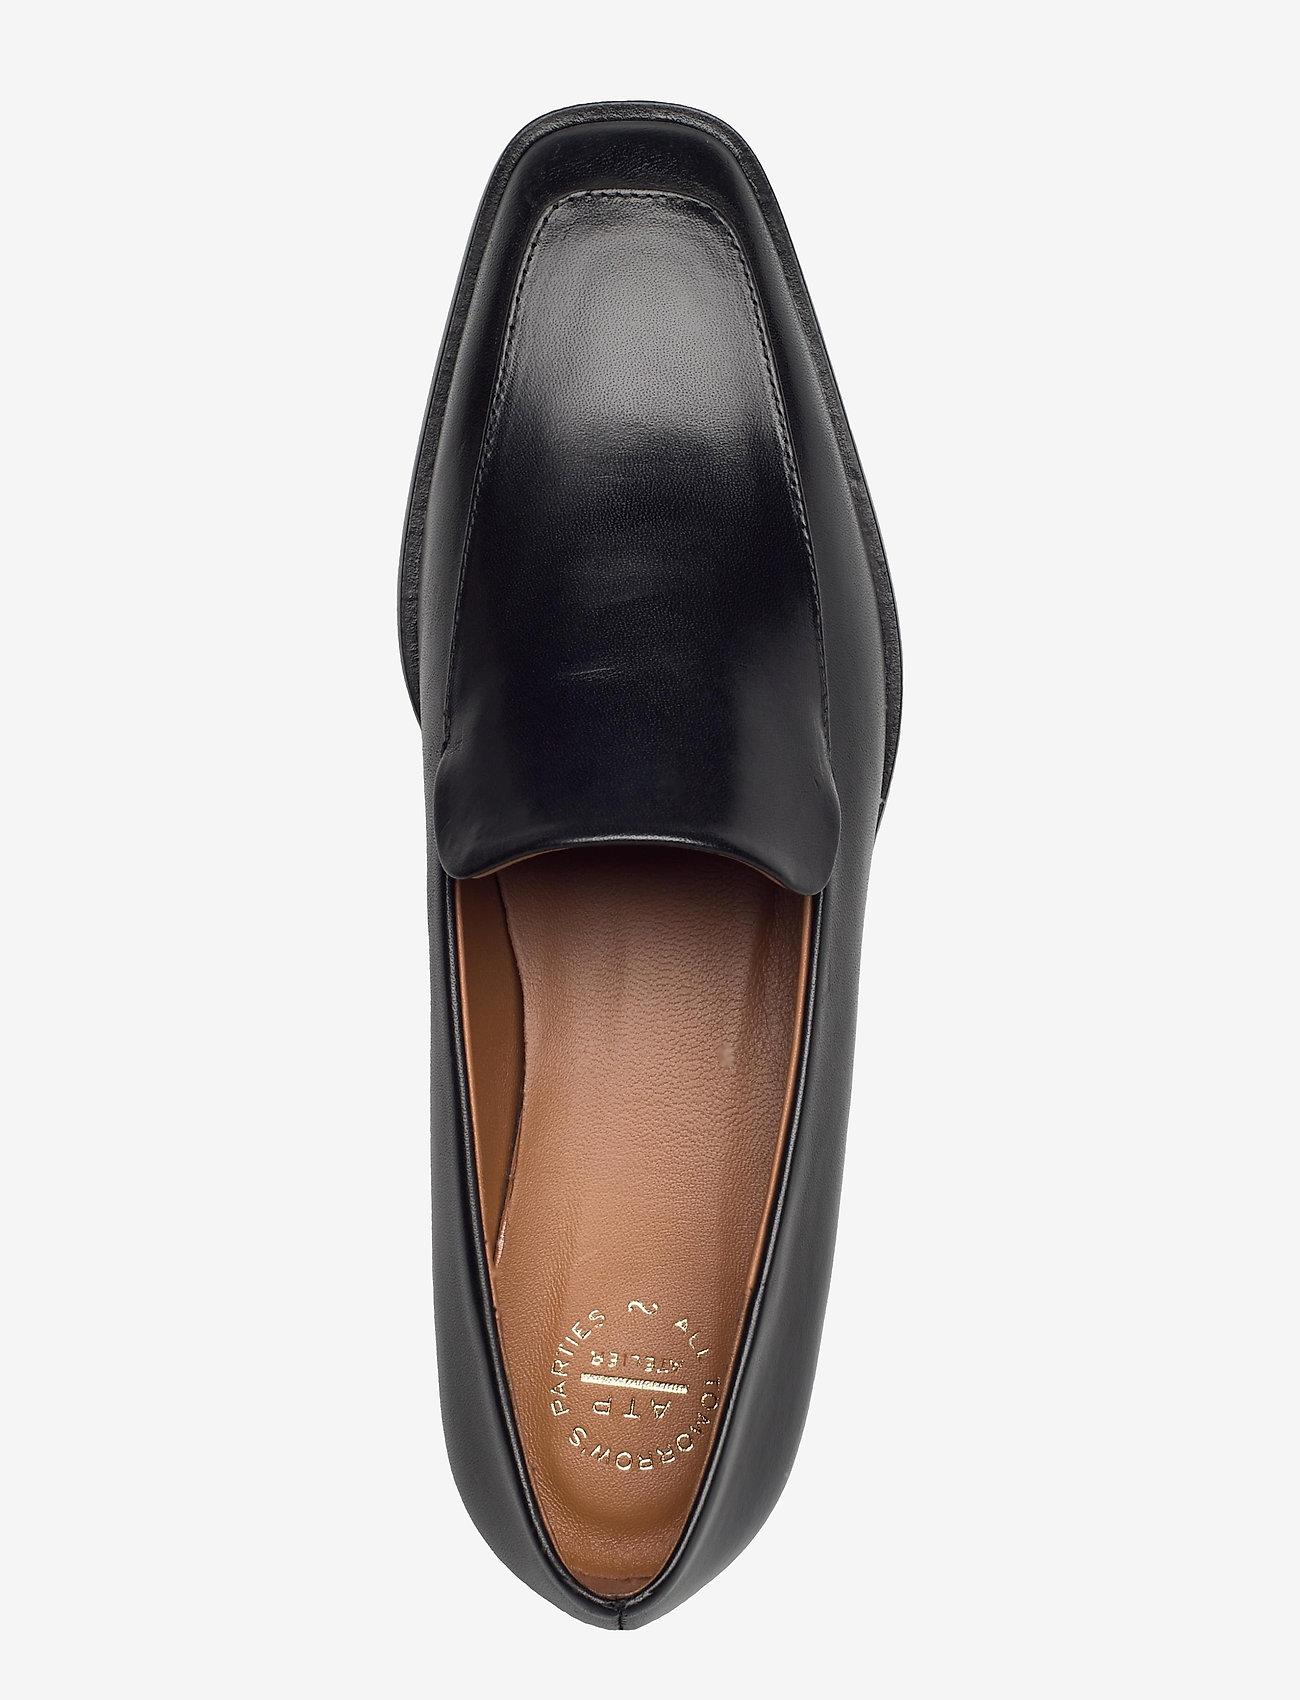 ATP Atelier - Loconia Black Vacchetta - loafers - black - 3